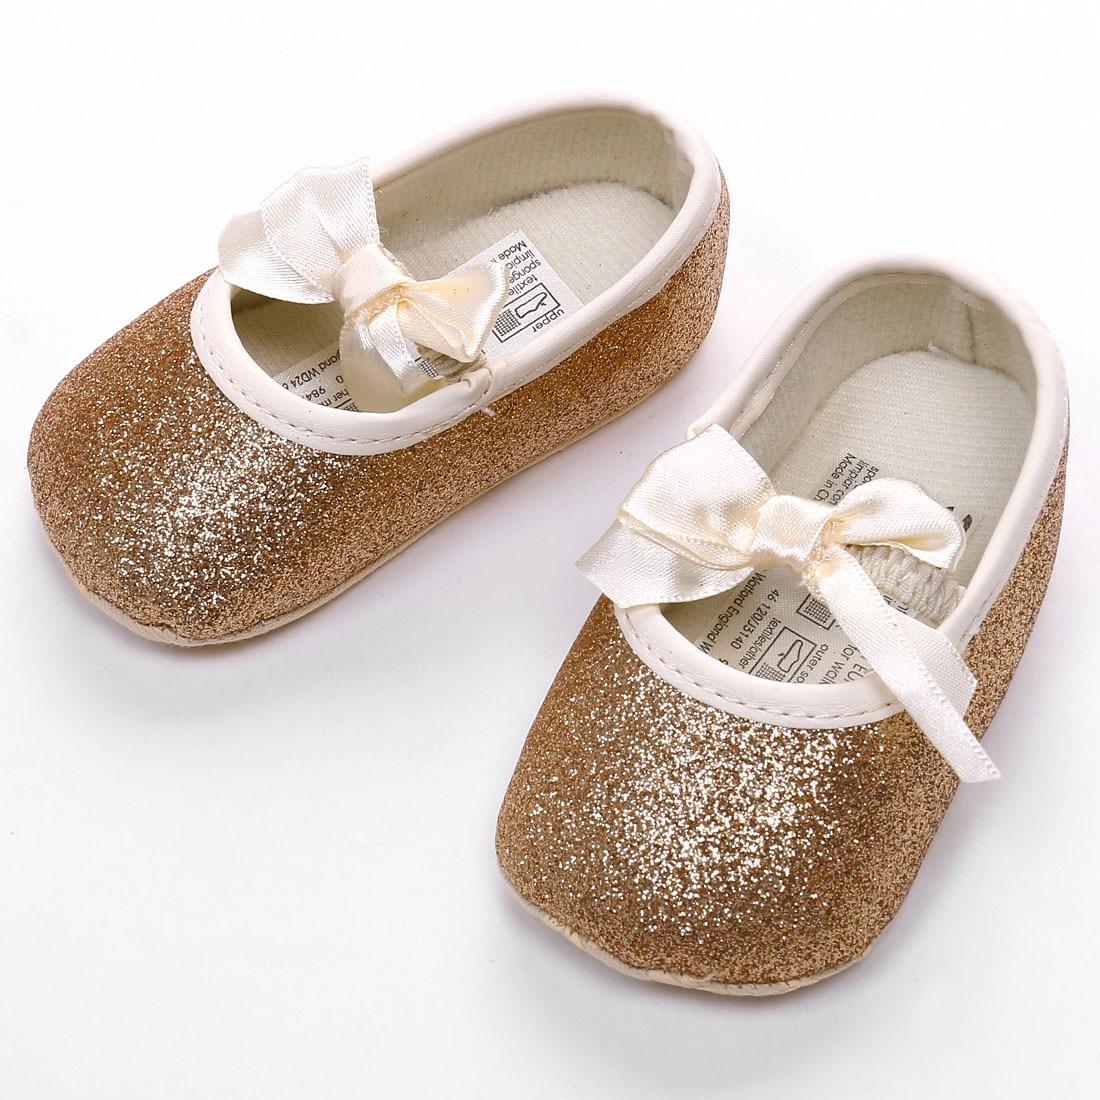 Pudcoco новорожденных одежда для малышей для девочек Обувь Лето Бабочка-узел мягкая подошва противоскользящие хлопковые Обувь 0-18 месяцев Helen115